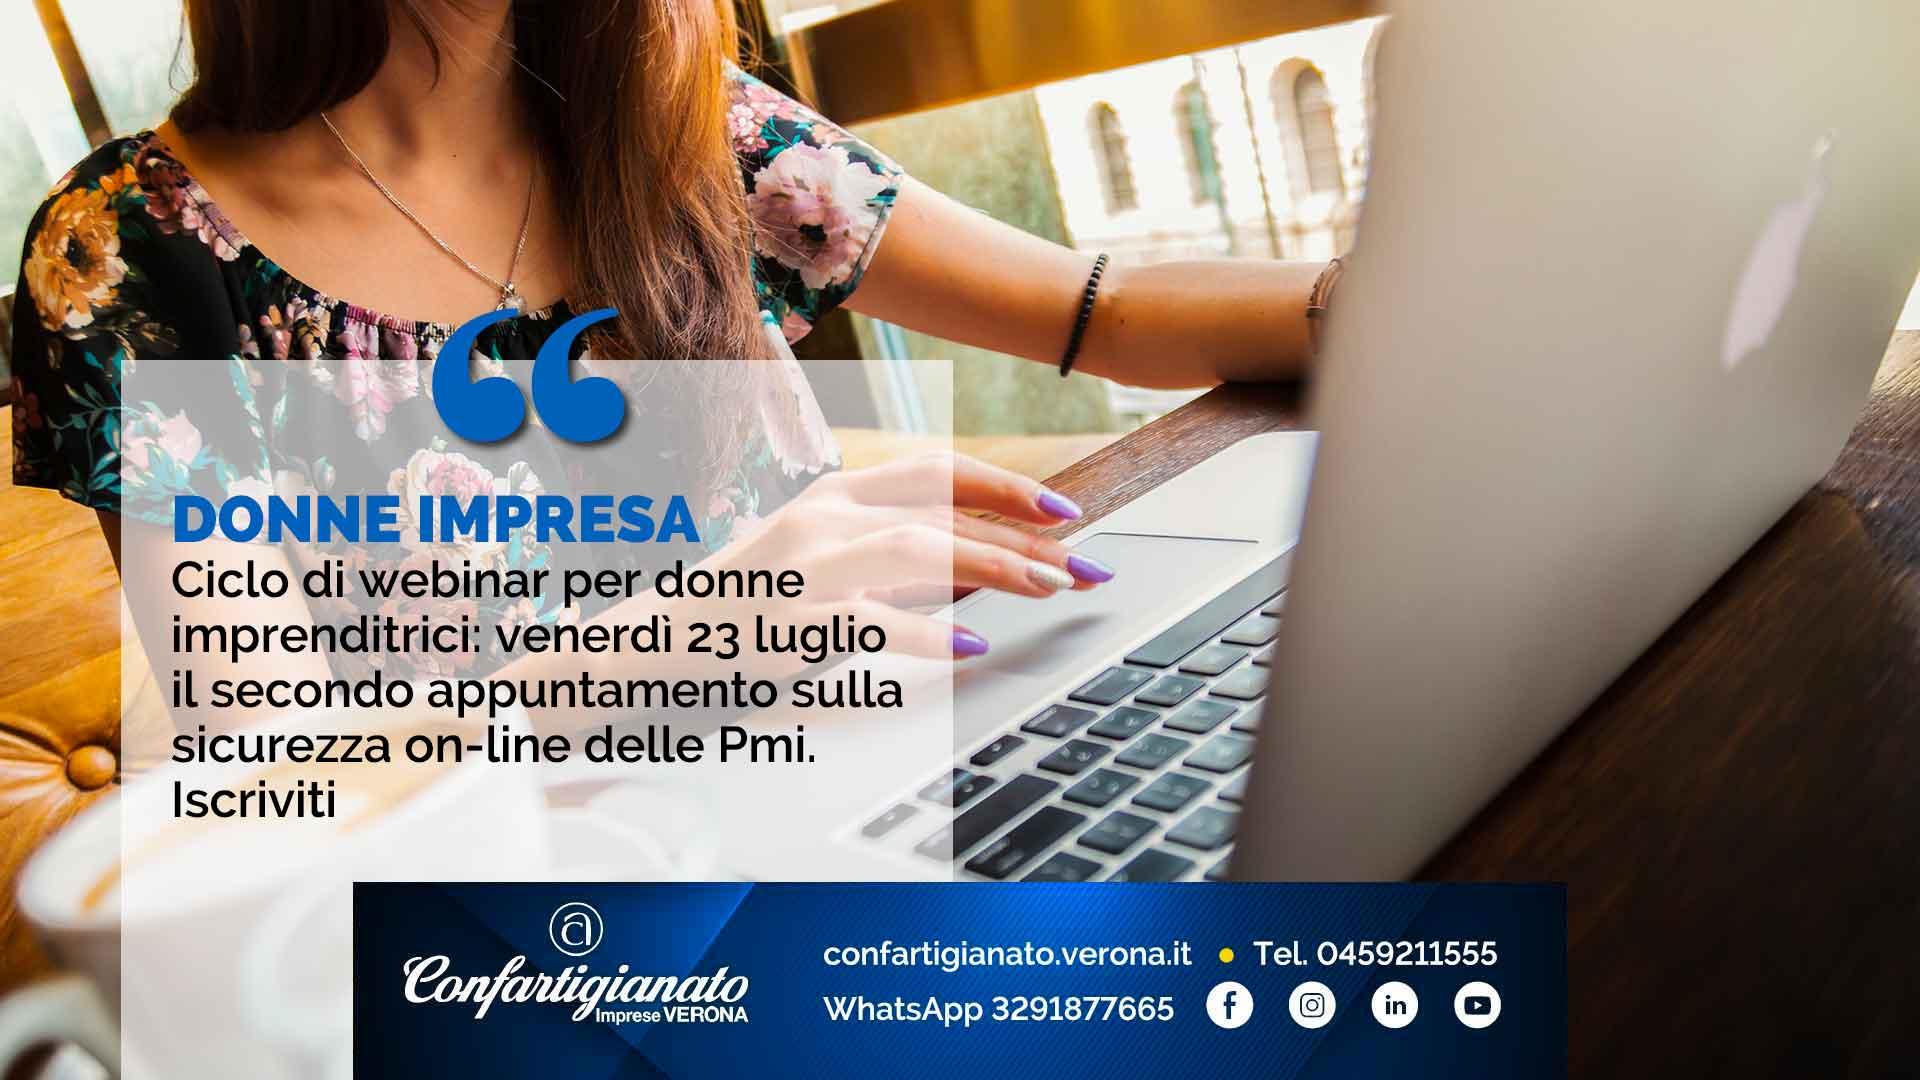 DONNE IMPRESA – Ciclo di webinar per imprenditrici: venerdì 23 luglio il secondo appuntamento sulla sicurezza on-line delle Pmi. Iscriviti